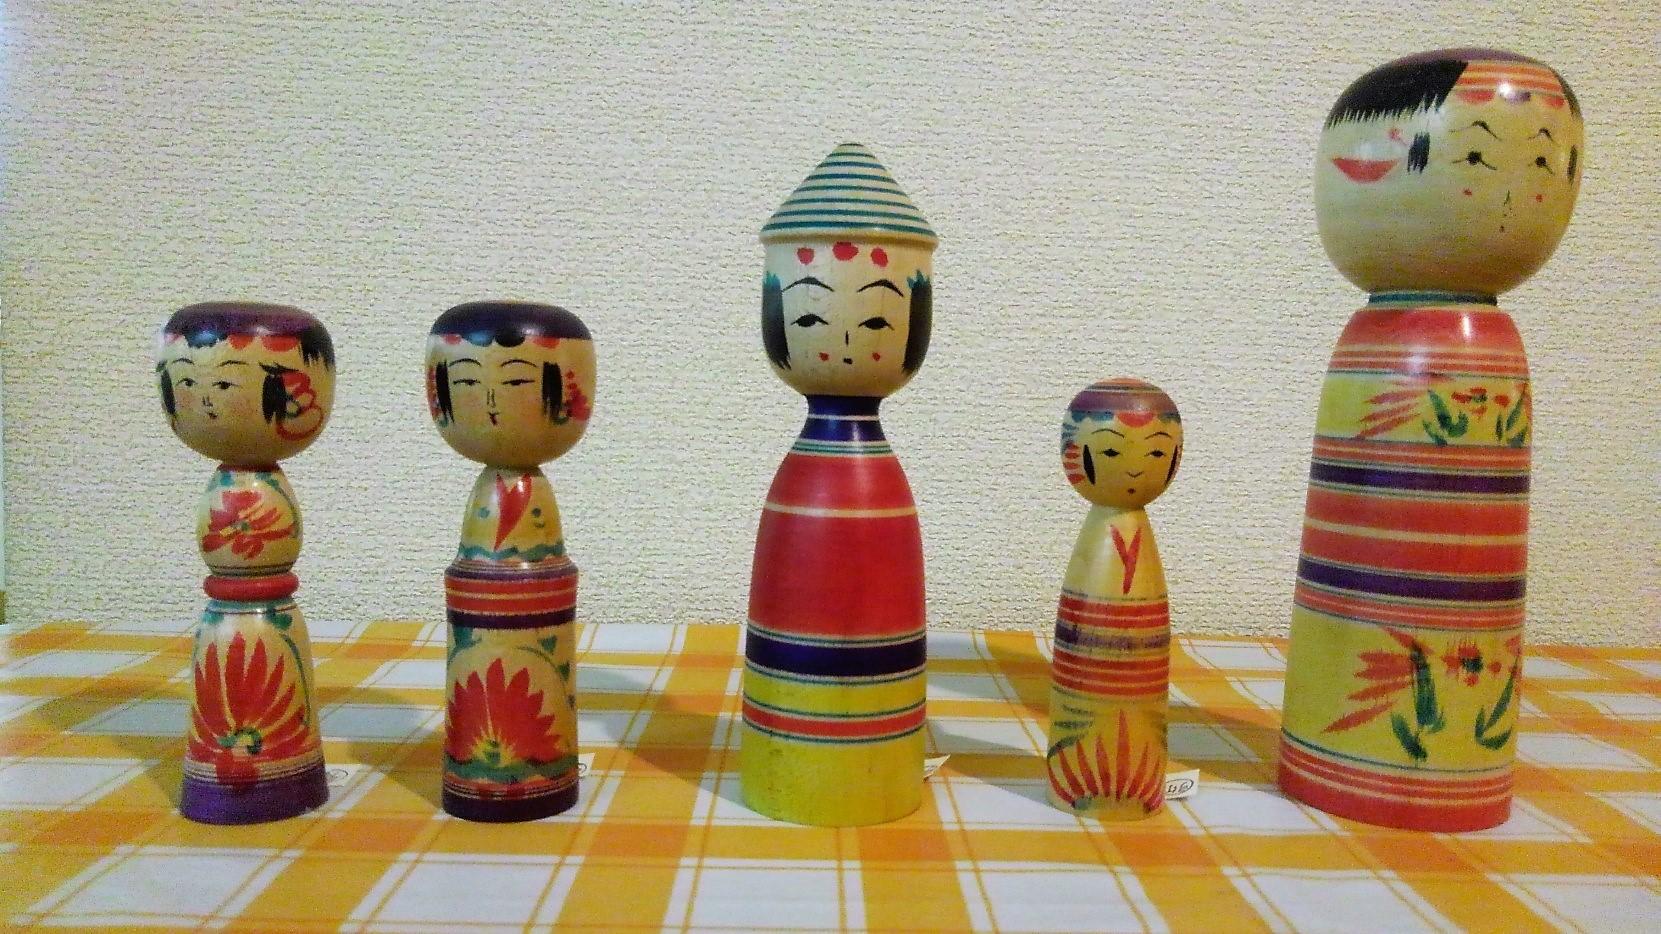 こけし収穫祭!!秋の通販拡大ブログ8~中古こけし編~_e0318040_17452749.jpg